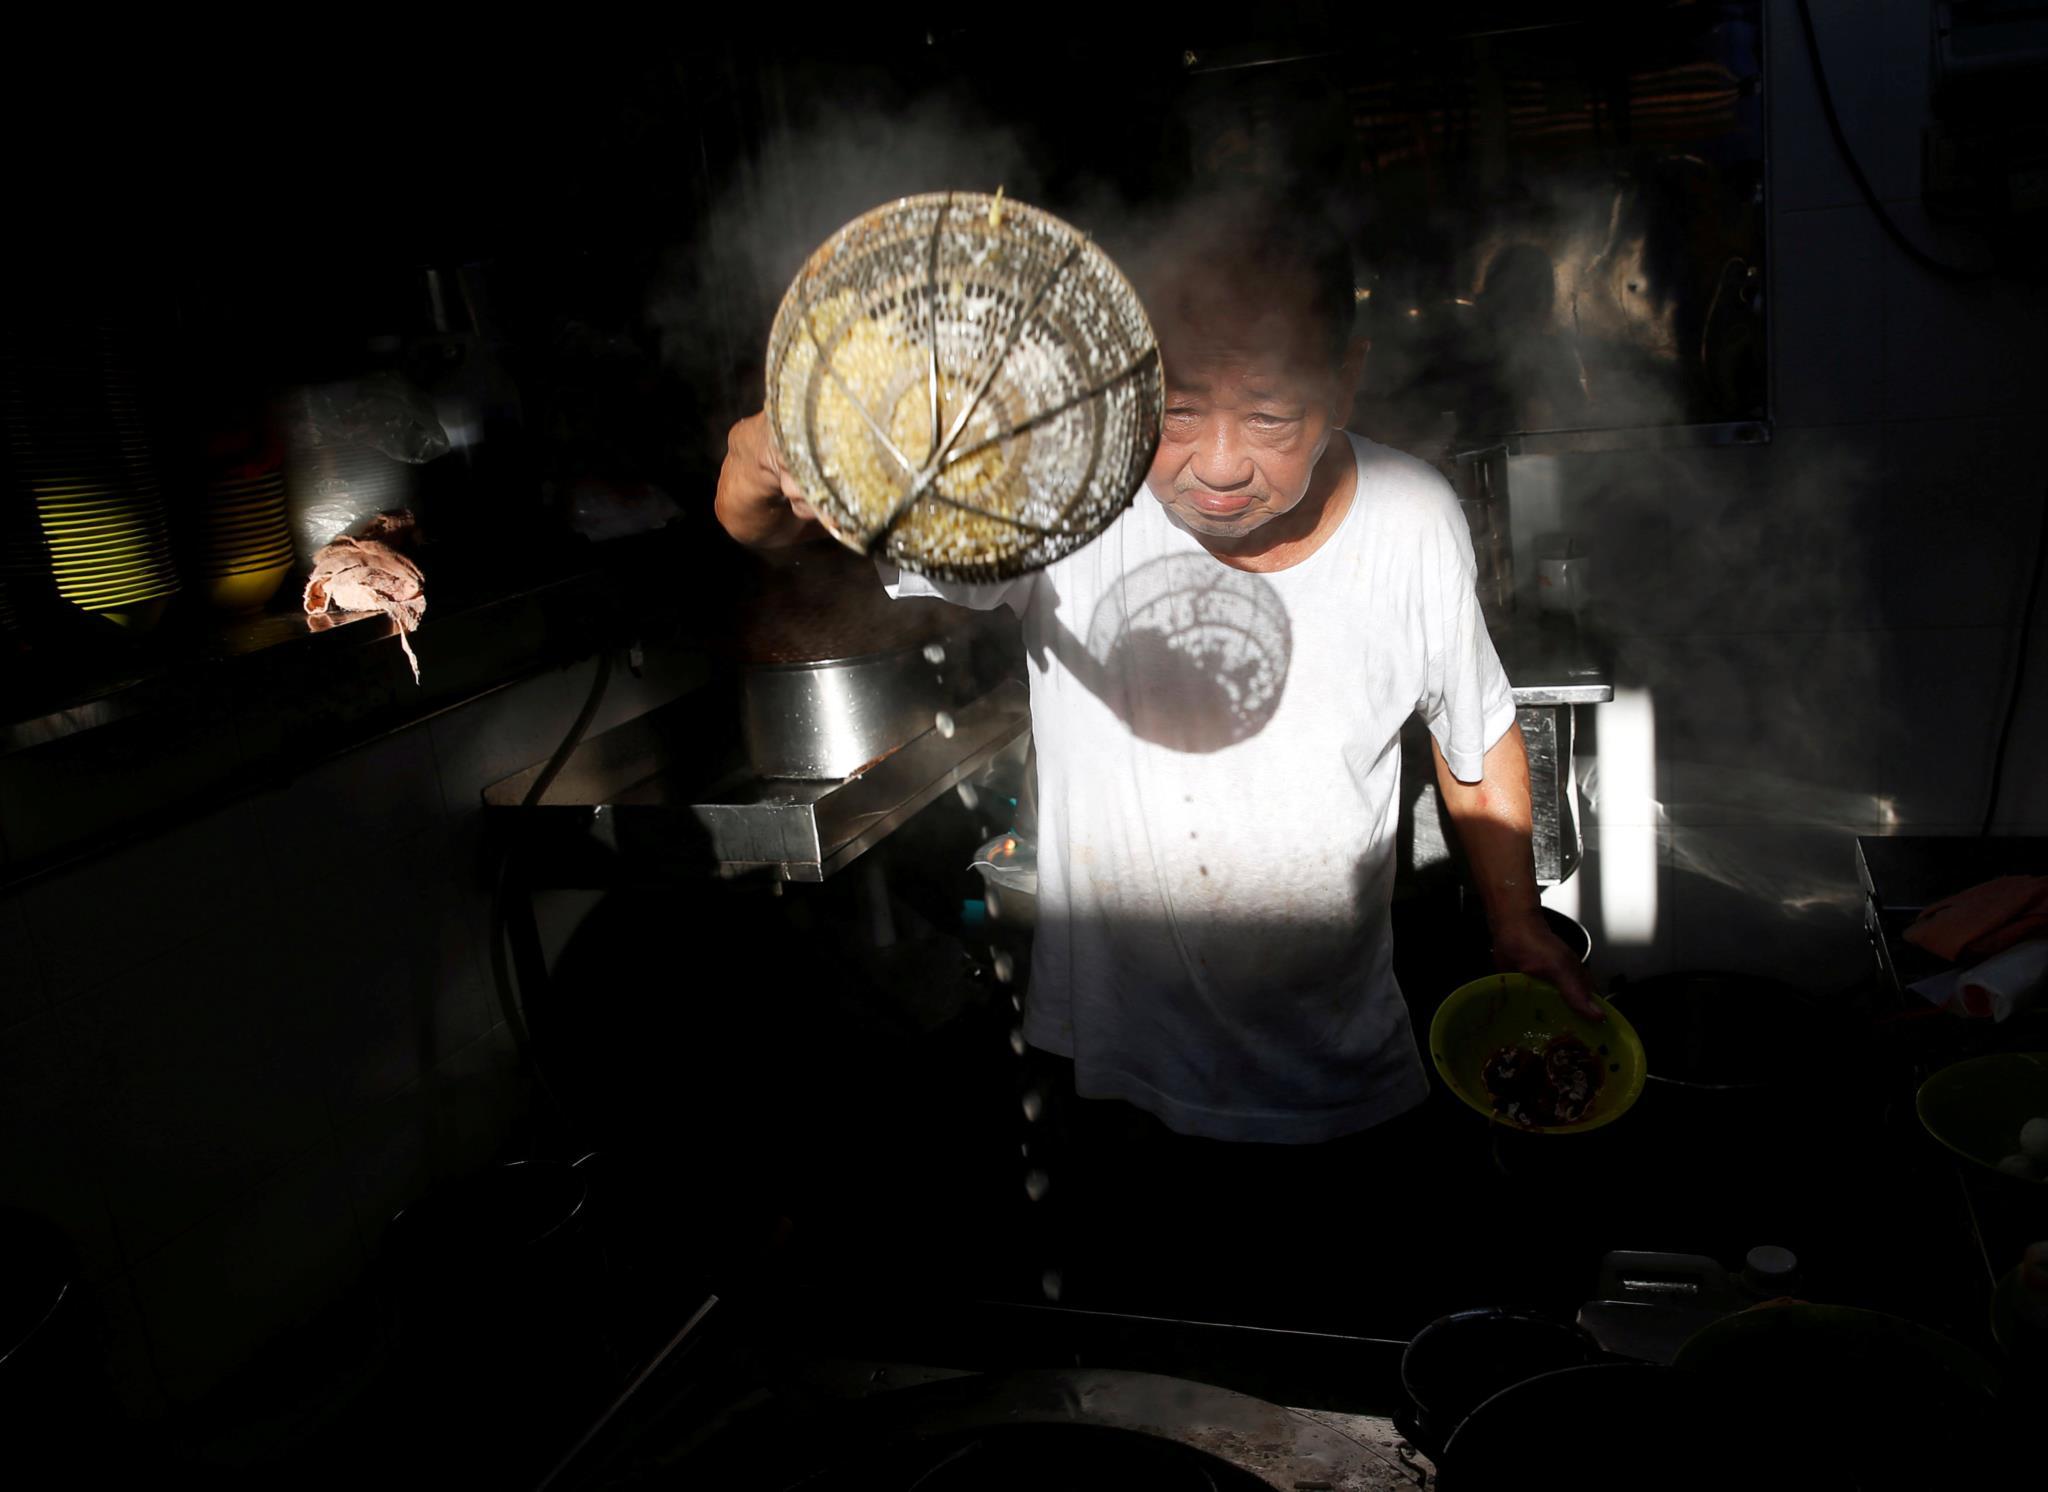 Wee Phong Sai tem 66 anos e é conhecido pelo prato de massa com bolinhas de peixe.